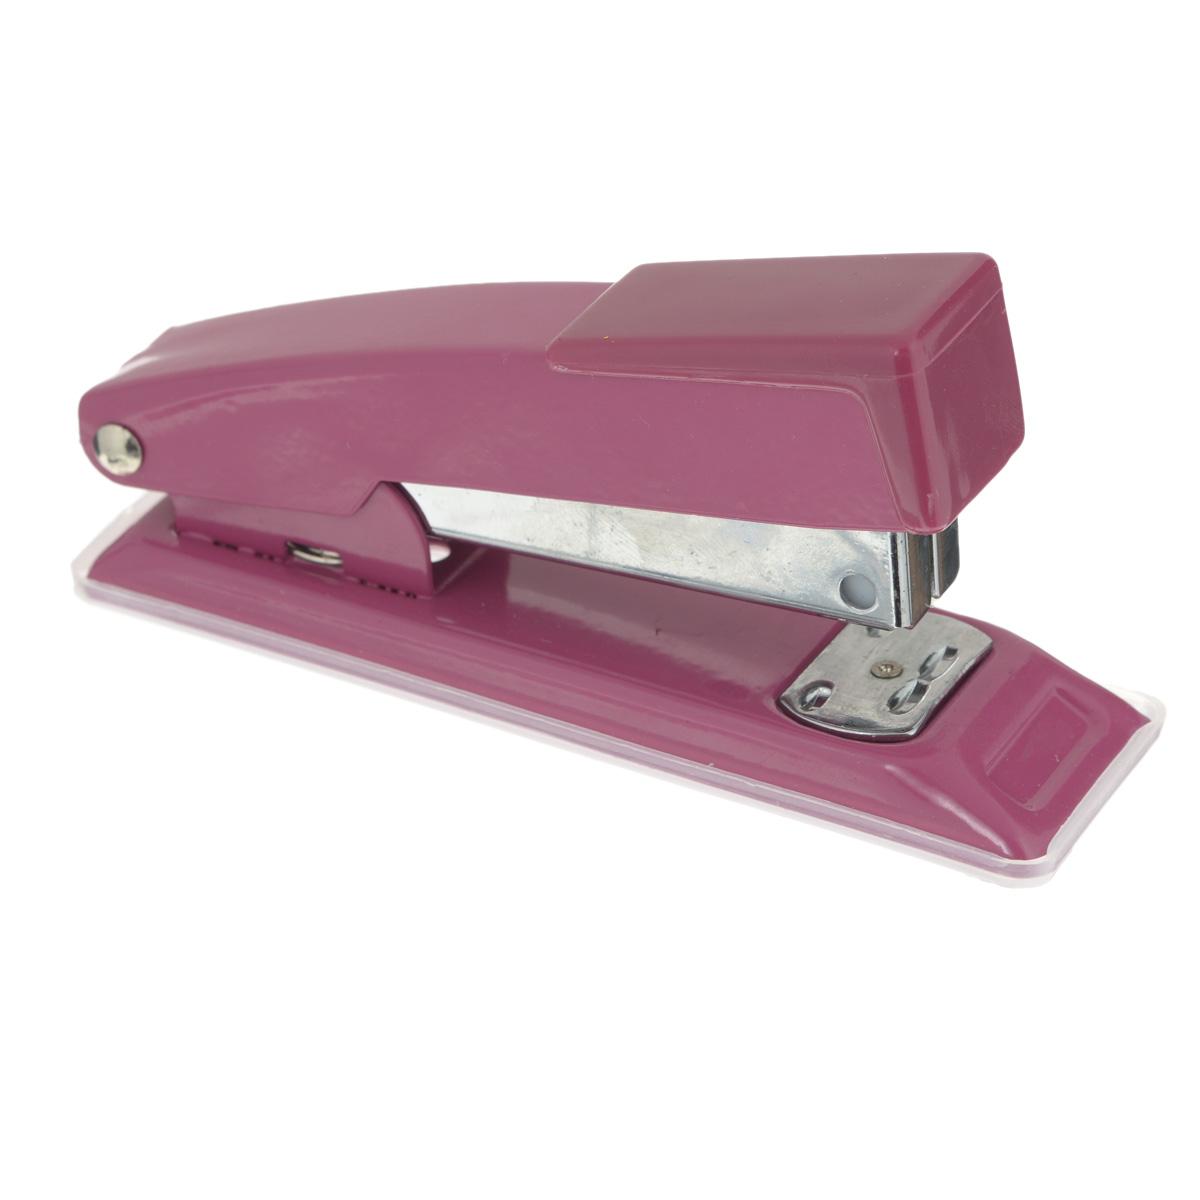 Centrum Степлер для скоб №24/6, 26/6 цвет розовый80061Удобный и практичный степлер Centrum - незаменимый офисный инструмент. Он выполнен из пластика с металлическим механизмом. Степлеру подходят скобы №№ 24/6 и 26/6 на 20 и 25 листов соответственно.Степлер Centrum гарантирует стабильную и качественную работу в течение долгого времени.Уважаемые клиенты!Товар поставляется в цветовом ассортименте. Отгрузка производится из имеющихся в наличии цветов.